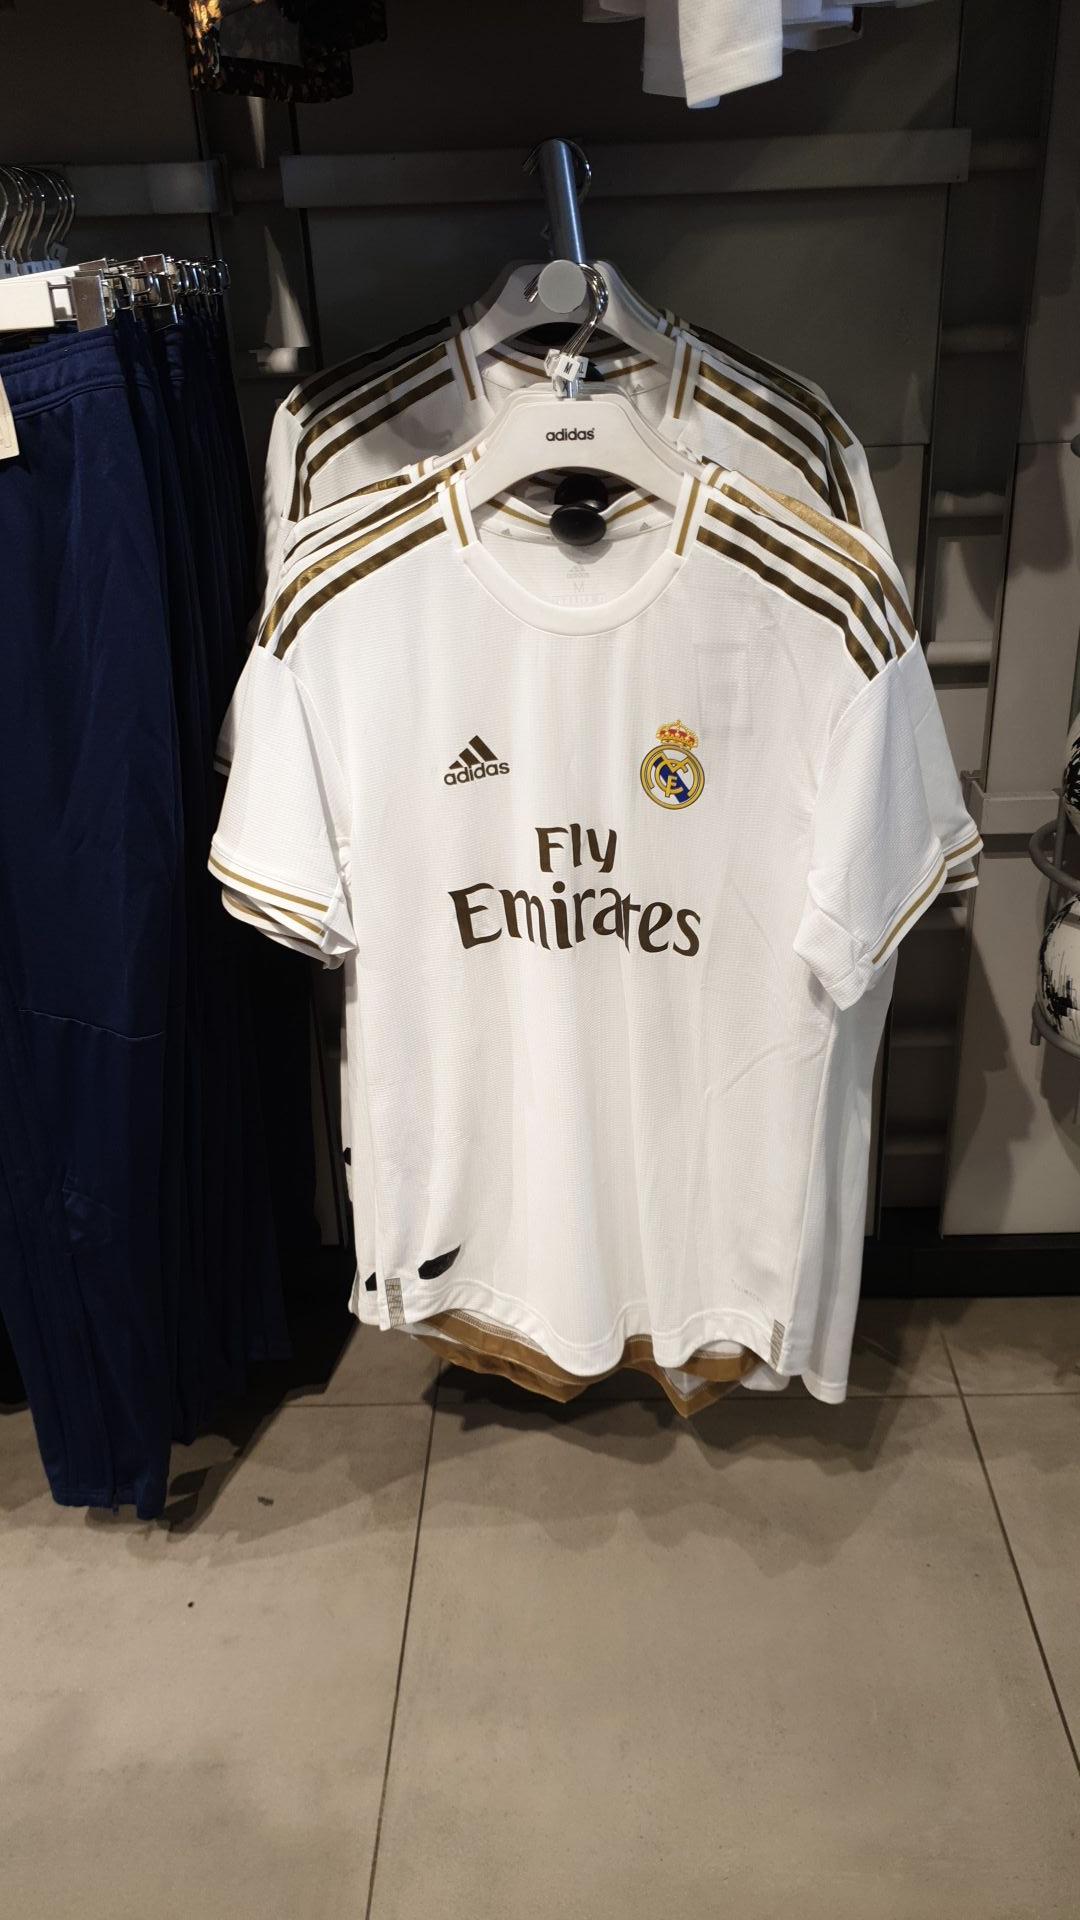 Camiseta Real Madrid 19/20 (Outlet Adidas Las Rozas, Madrid)